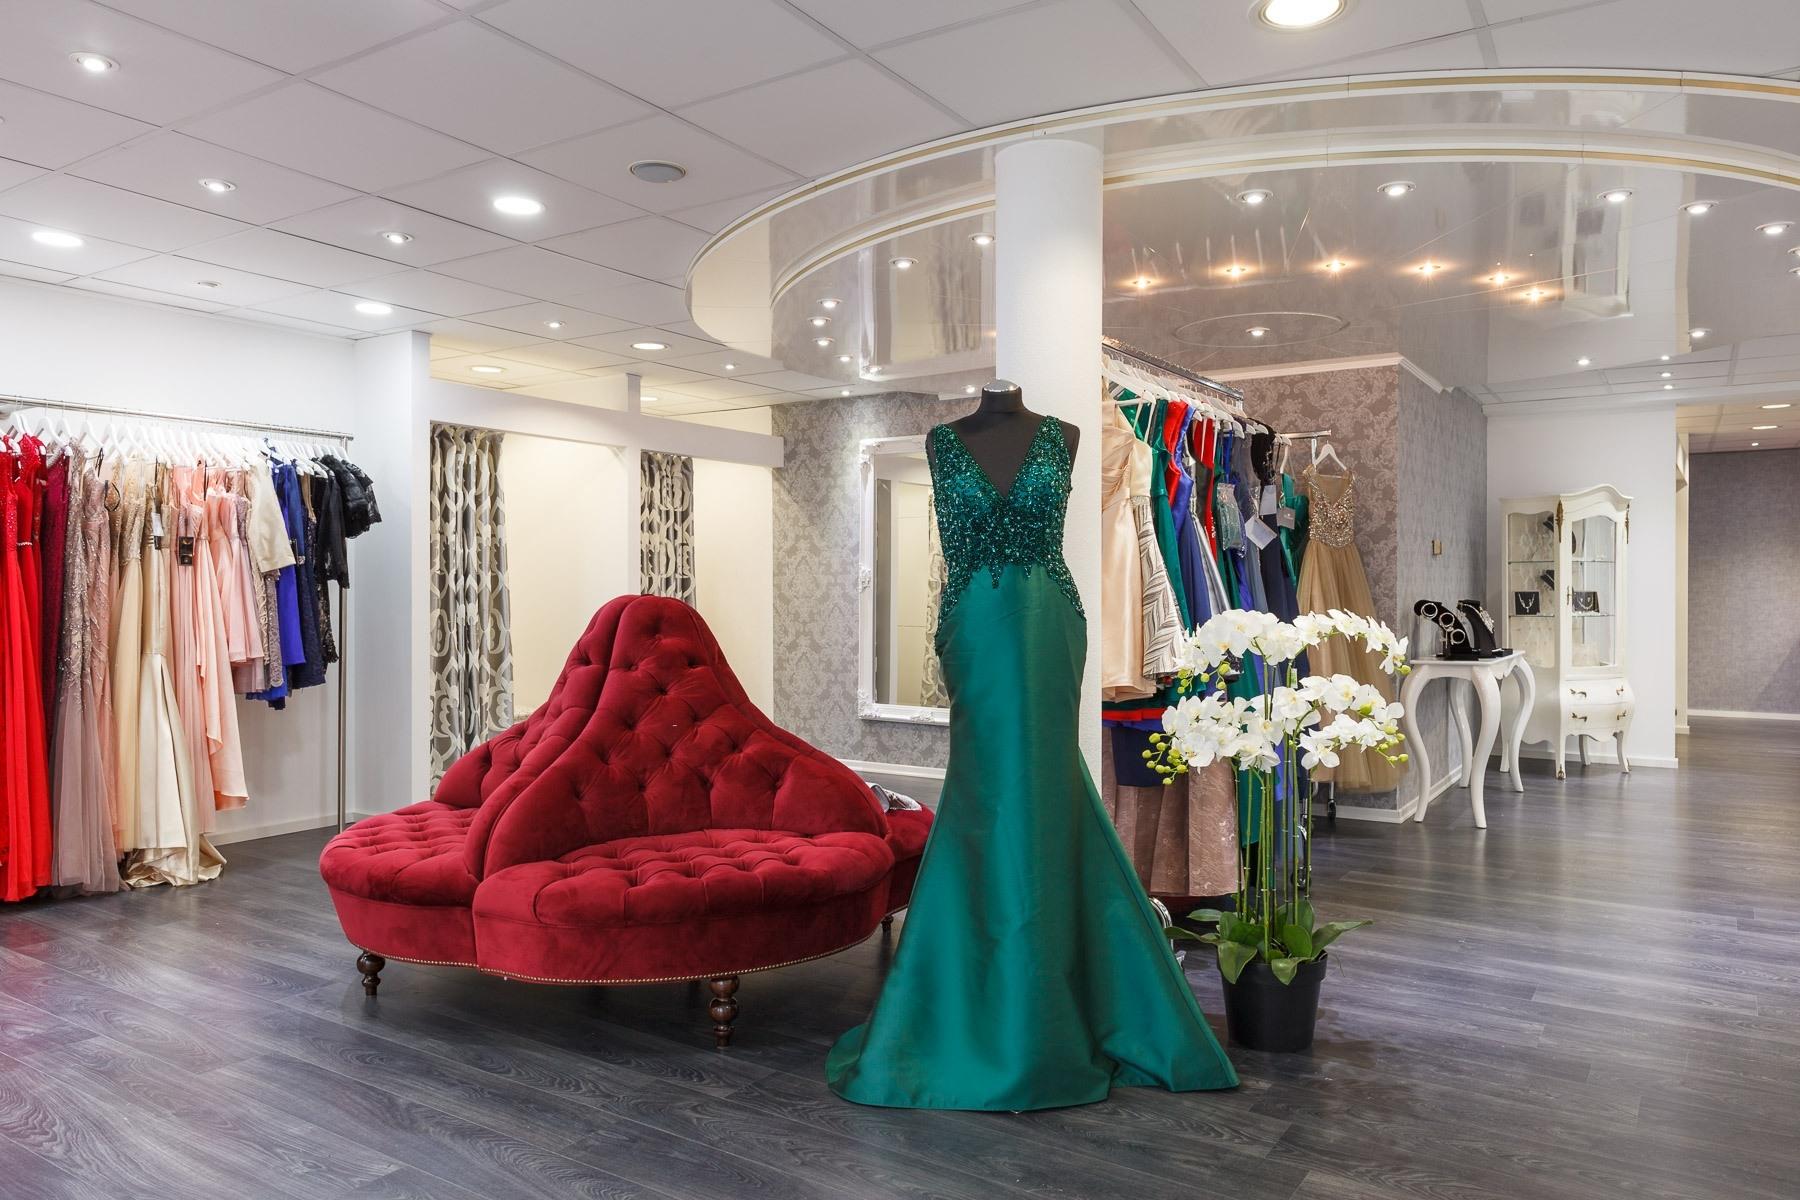 17 Kreativ Abendkleider Geschäfte BoutiqueAbend Wunderbar Abendkleider Geschäfte Bester Preis